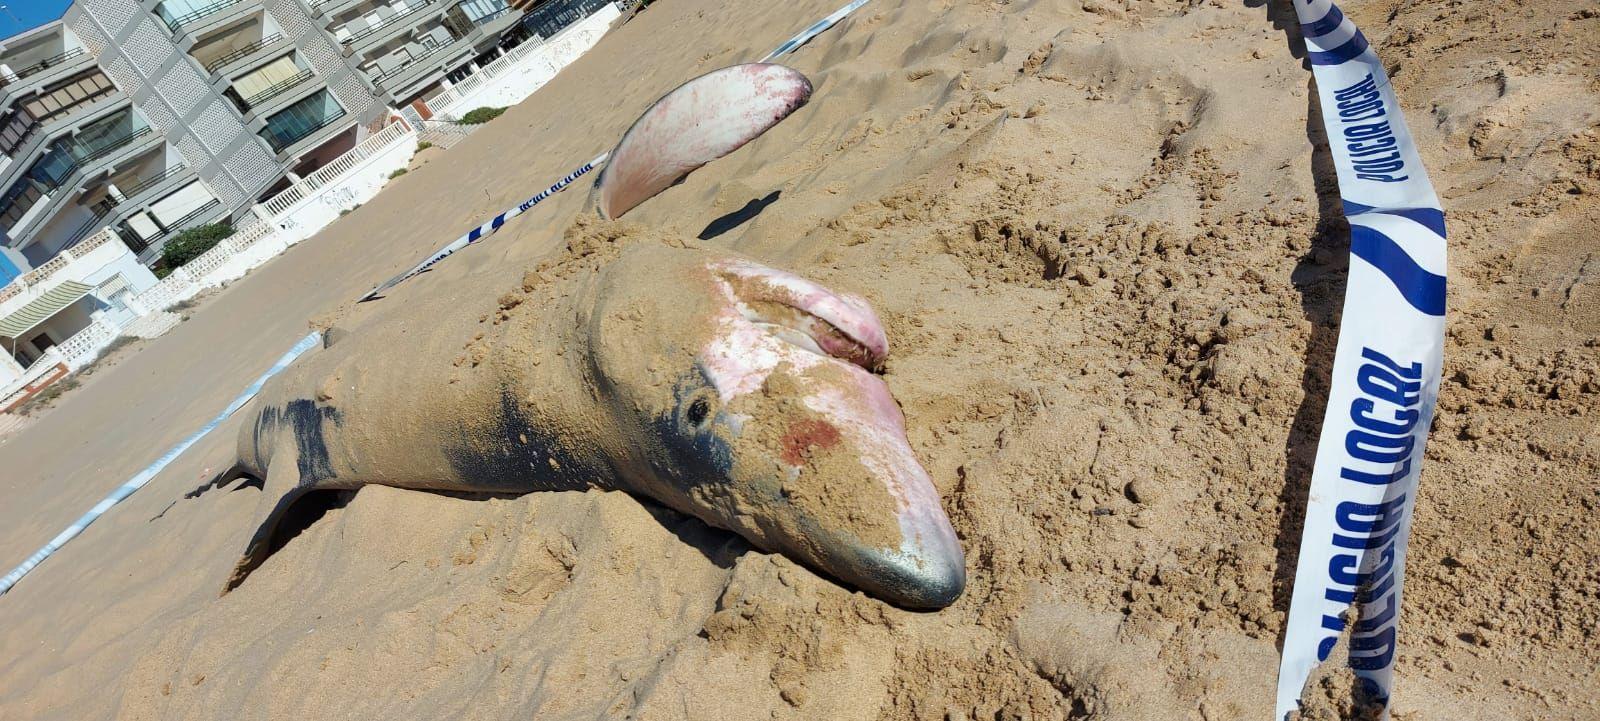 Hallan una tintorera varada en la playa de Guardamar del Segura